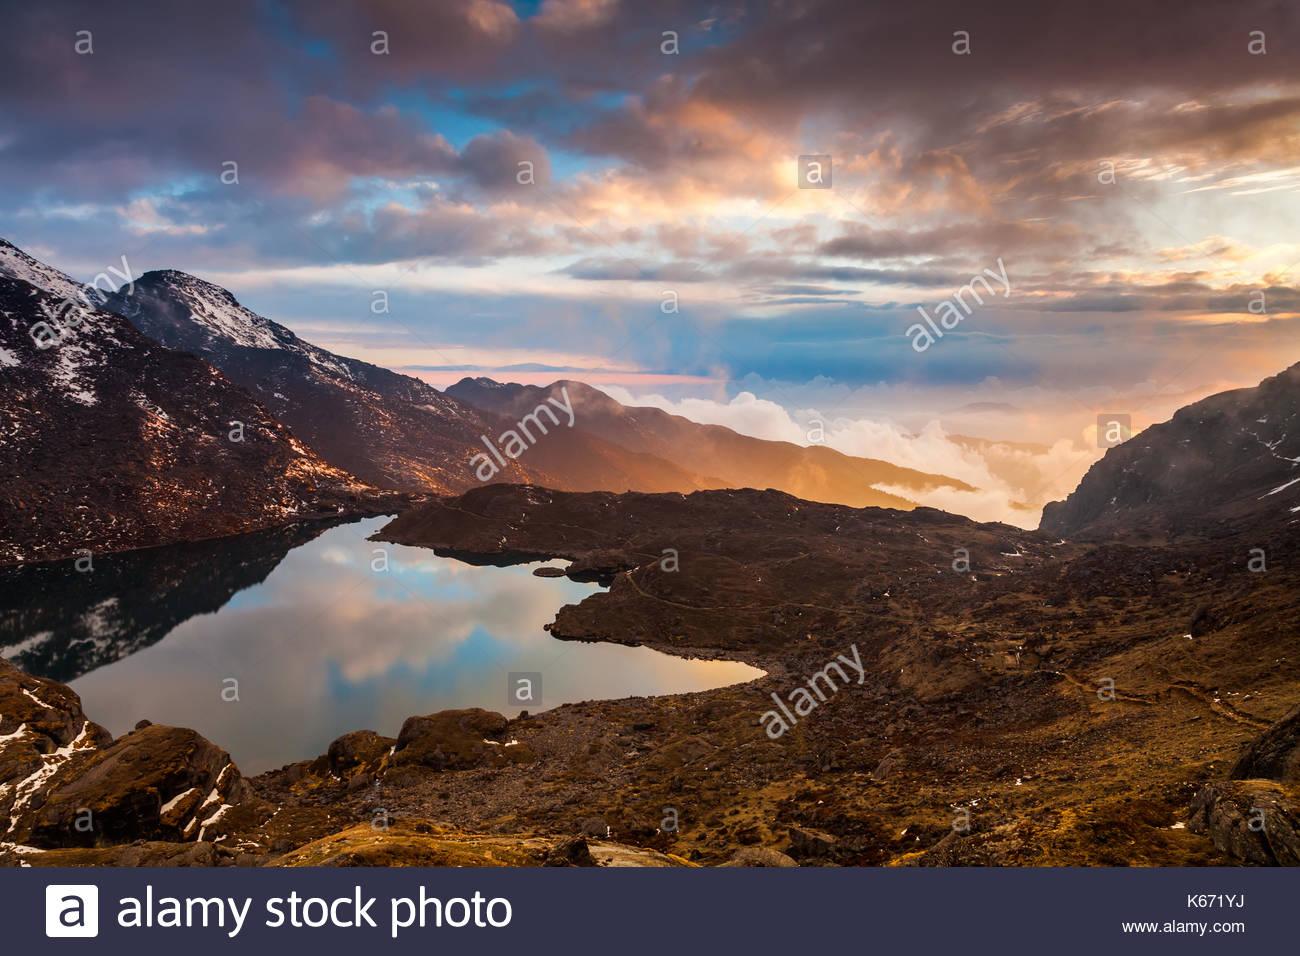 Gosaikunda lake on a beautiful sunset. Nepal, the Himalayas - Stock Image